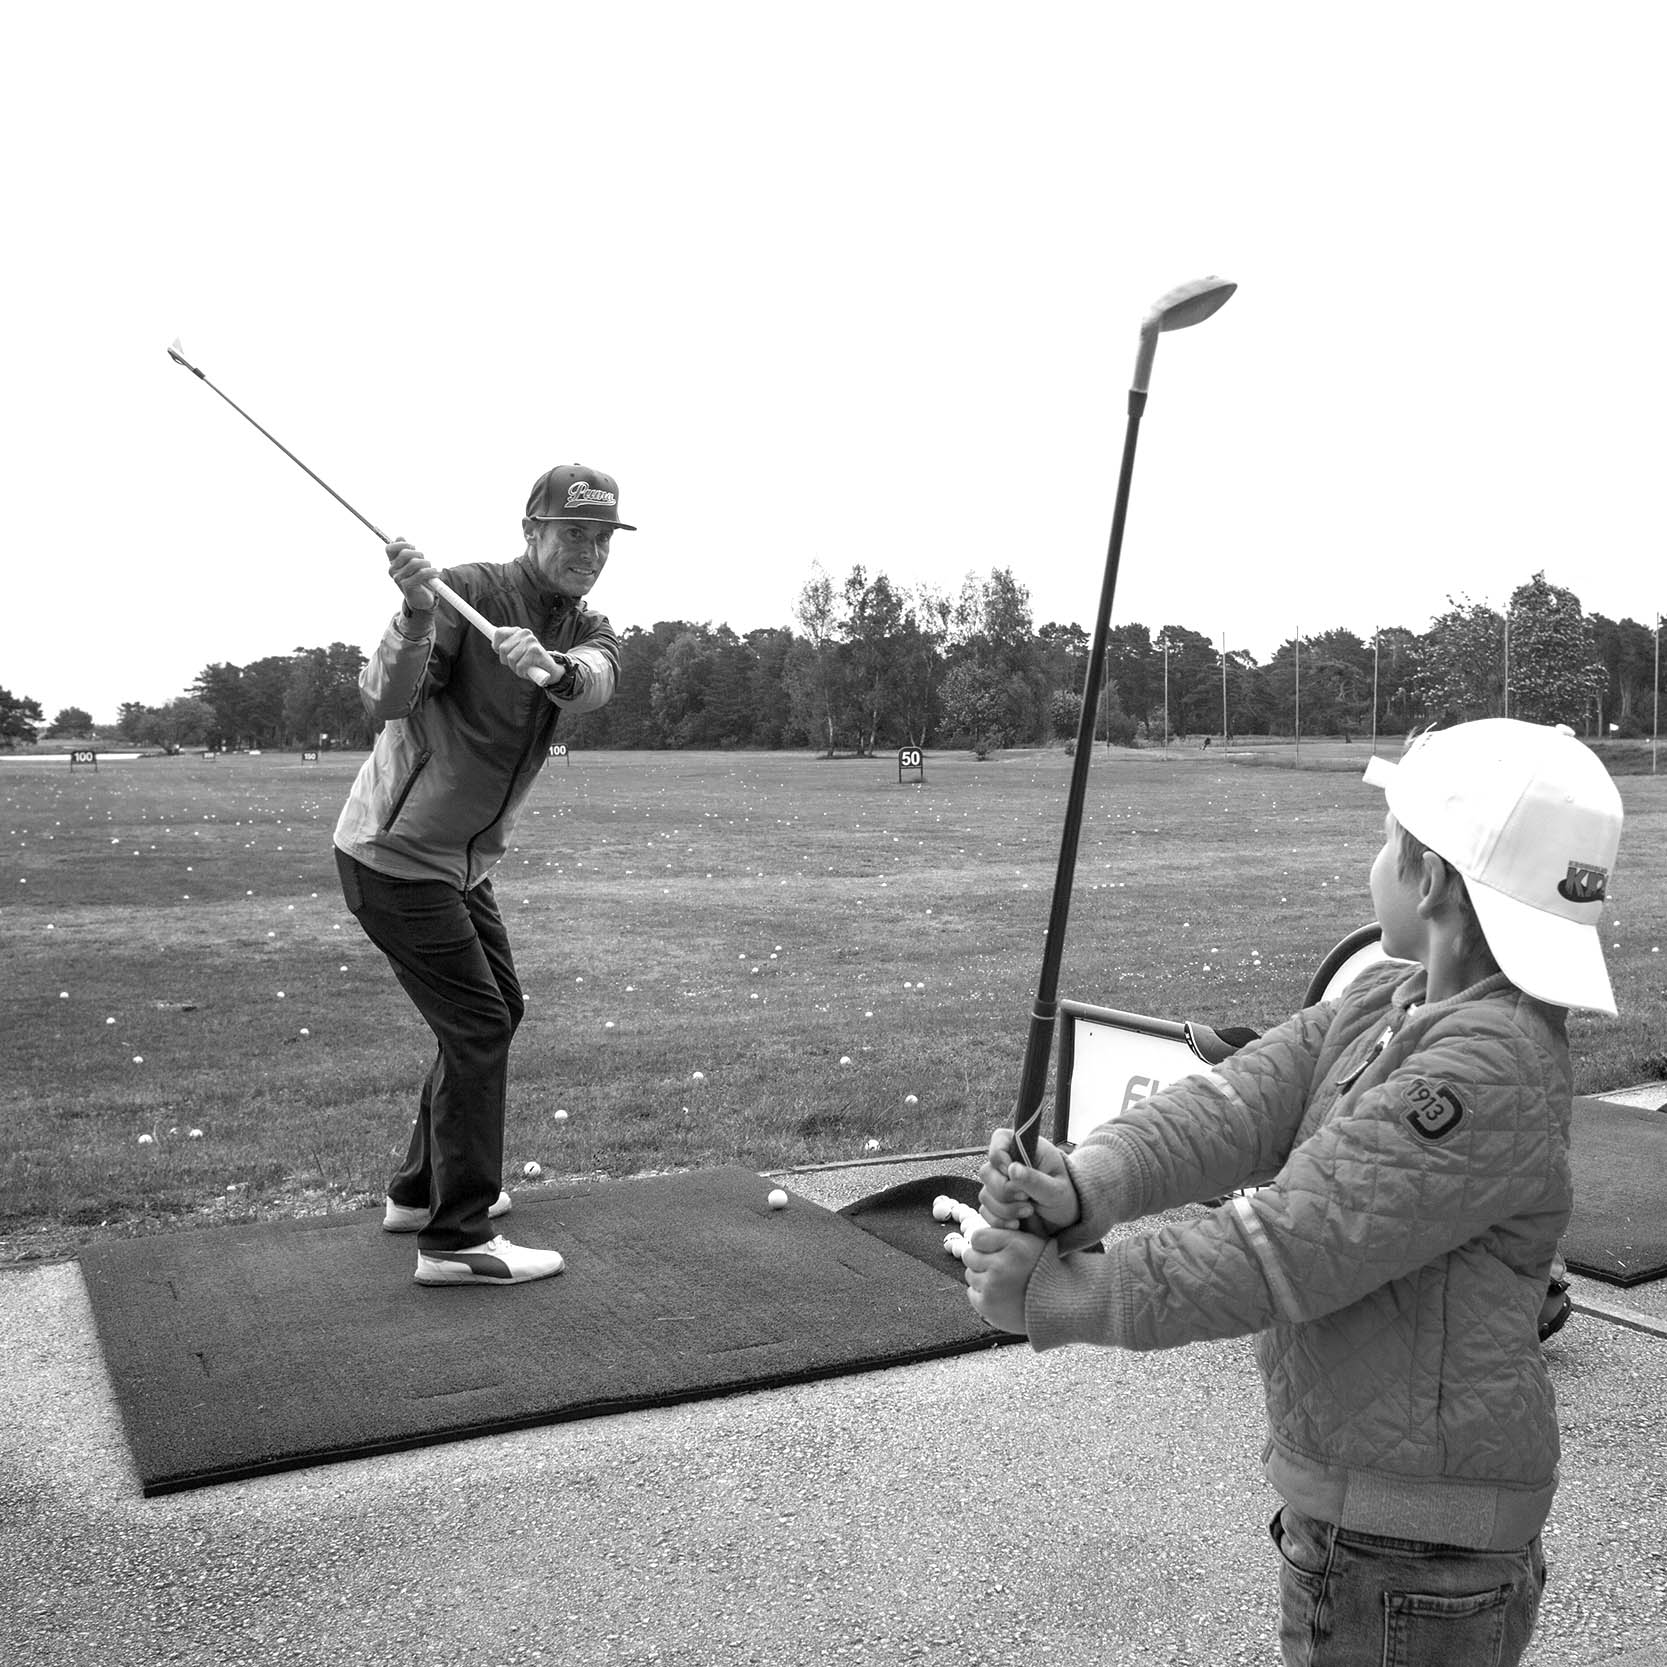 KRONHOLMEN KIDS - Det bästa sättet att komma igång med vilken idrott som helst är att leka. Det gäller inte minst golf, som är en tekniskt svår sport. Med leken föds glädje, gemenskap och suget att fortsätta. Med Kronholmen Kids vill Visby GK öppna dörren för de allra yngsta. Här får dina barn, eller barnbarn, lära sig spela golf helt utan press. Med roliga övningar, utbildade tränare, spel på bana och lekfulla aktiviteter. Klubbor finns att låna i shopen. Bollar på rangen ingår. Och tillsammans med vuxen får kidsen spela fritt på 9-hålsbanan. Allt för bara 400 kr/år - då ingår medlemskap i Visby GK!